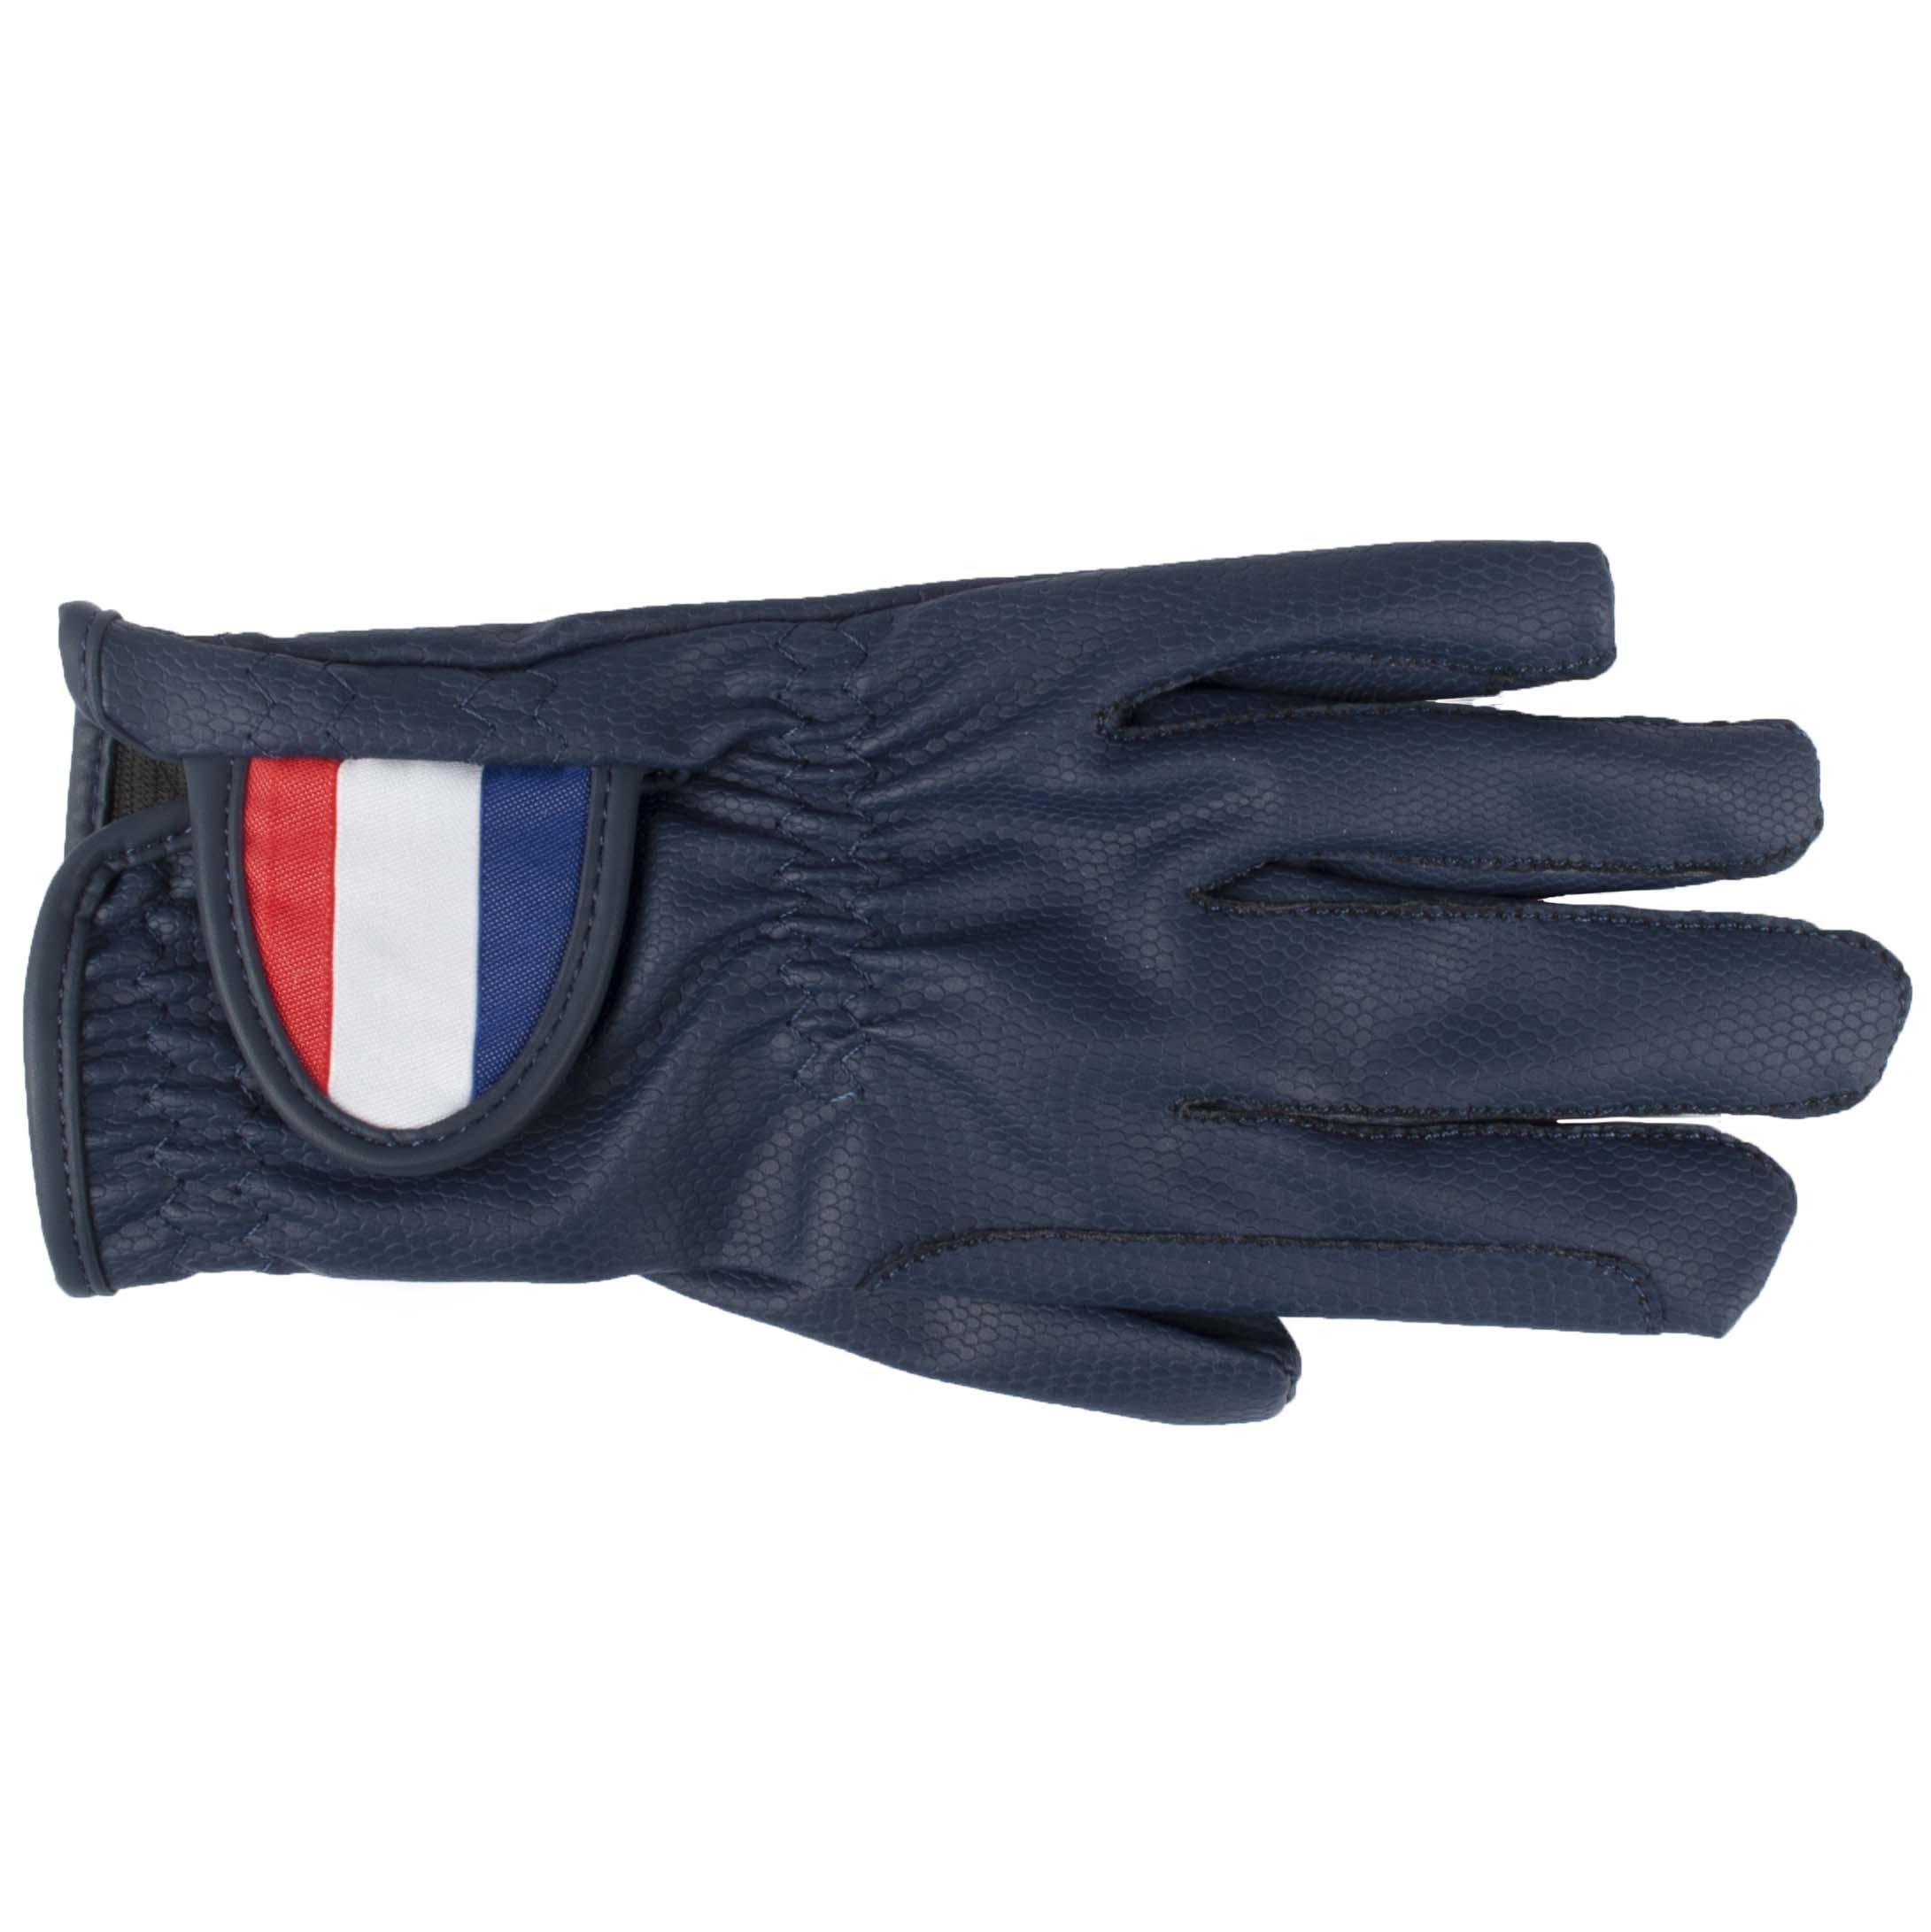 Mondoni Netherlands handschoenen donkerblauw maat:5